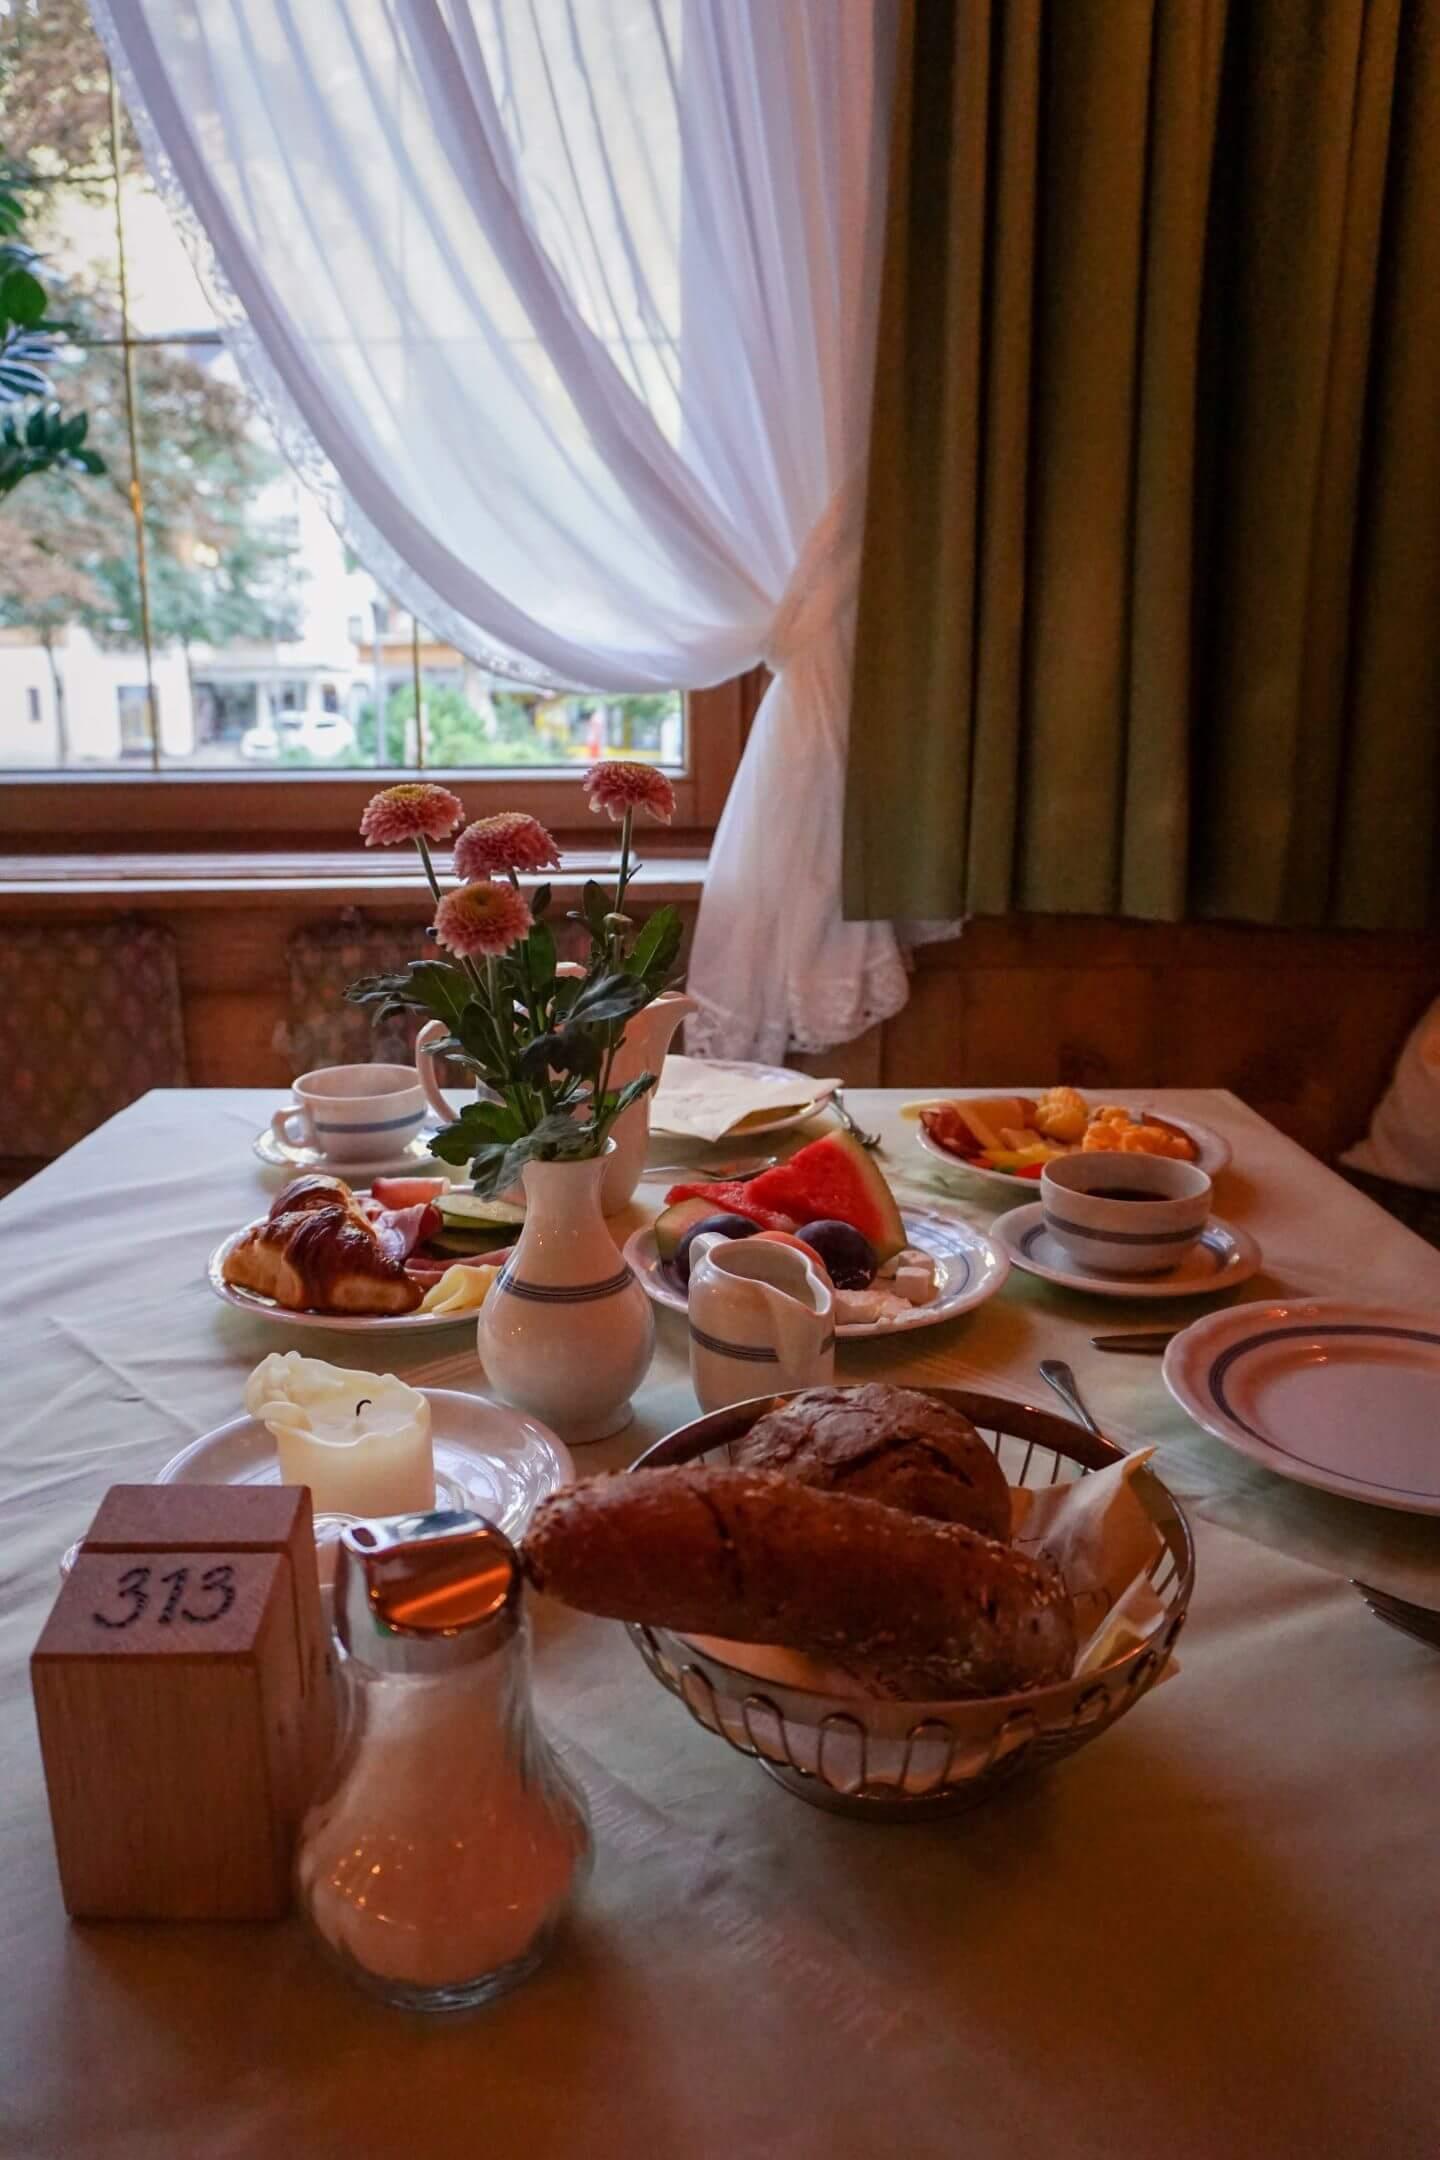 Alpenhotel Kramerwirt Breakfast, Mayrhofen, Austria - Best Places to Stay in Austria in Summer